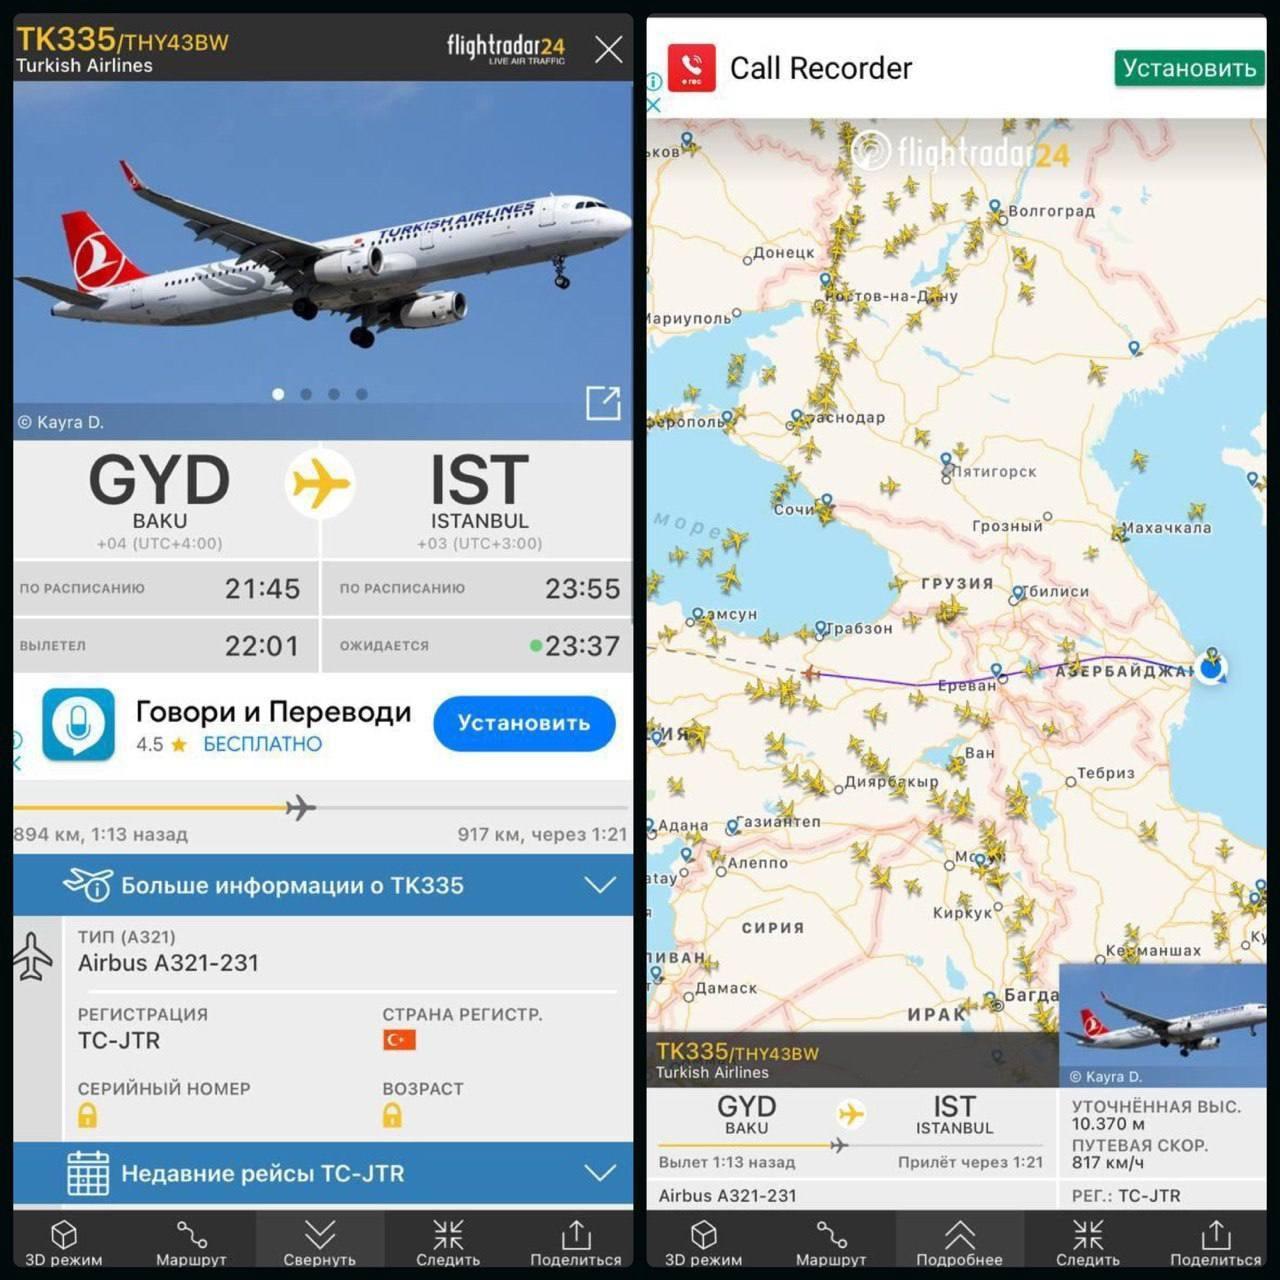 May be an image of airplane և text that says 'TK335/THY43BW Turkish Airlines flightradar24 Call Recorder установить flightradar24 одонецк волгоград ариуполь Kayra GYD BAKU 04(UTC+4:00) боропольх фраснодар расписанию IST ISTANBUL 03(UTC+3:00) (UTC+3:00) 23:55 21:45 вылетел расписанию дпятигорск 22:01 ожидается грозный амсун махачкала 23:37 говори переводи 4.5 бесплатно грузия отбилиси 8трабзон установить 1:13 назад 917 KM, больше информациио TK335 тип (A321) Airbus A321-231 1:21 адана сазиаятеп алеппо тебриз MO регистрация TC-JTR страна регистр. сирия пивана дамаск киркук серийный номер возраст маншах TK335/THY43BW недавние рейсы TC-JTR 3дрежим маршрут GYD BAKU вылет :13назад Airbus A321-231 свернуть ©KayraD. уточнённая выс. IST ISTANBUL прилёт через 米 следить поделиться маршрут pг.:TC-JTR подробнее следить поделиться'-ը